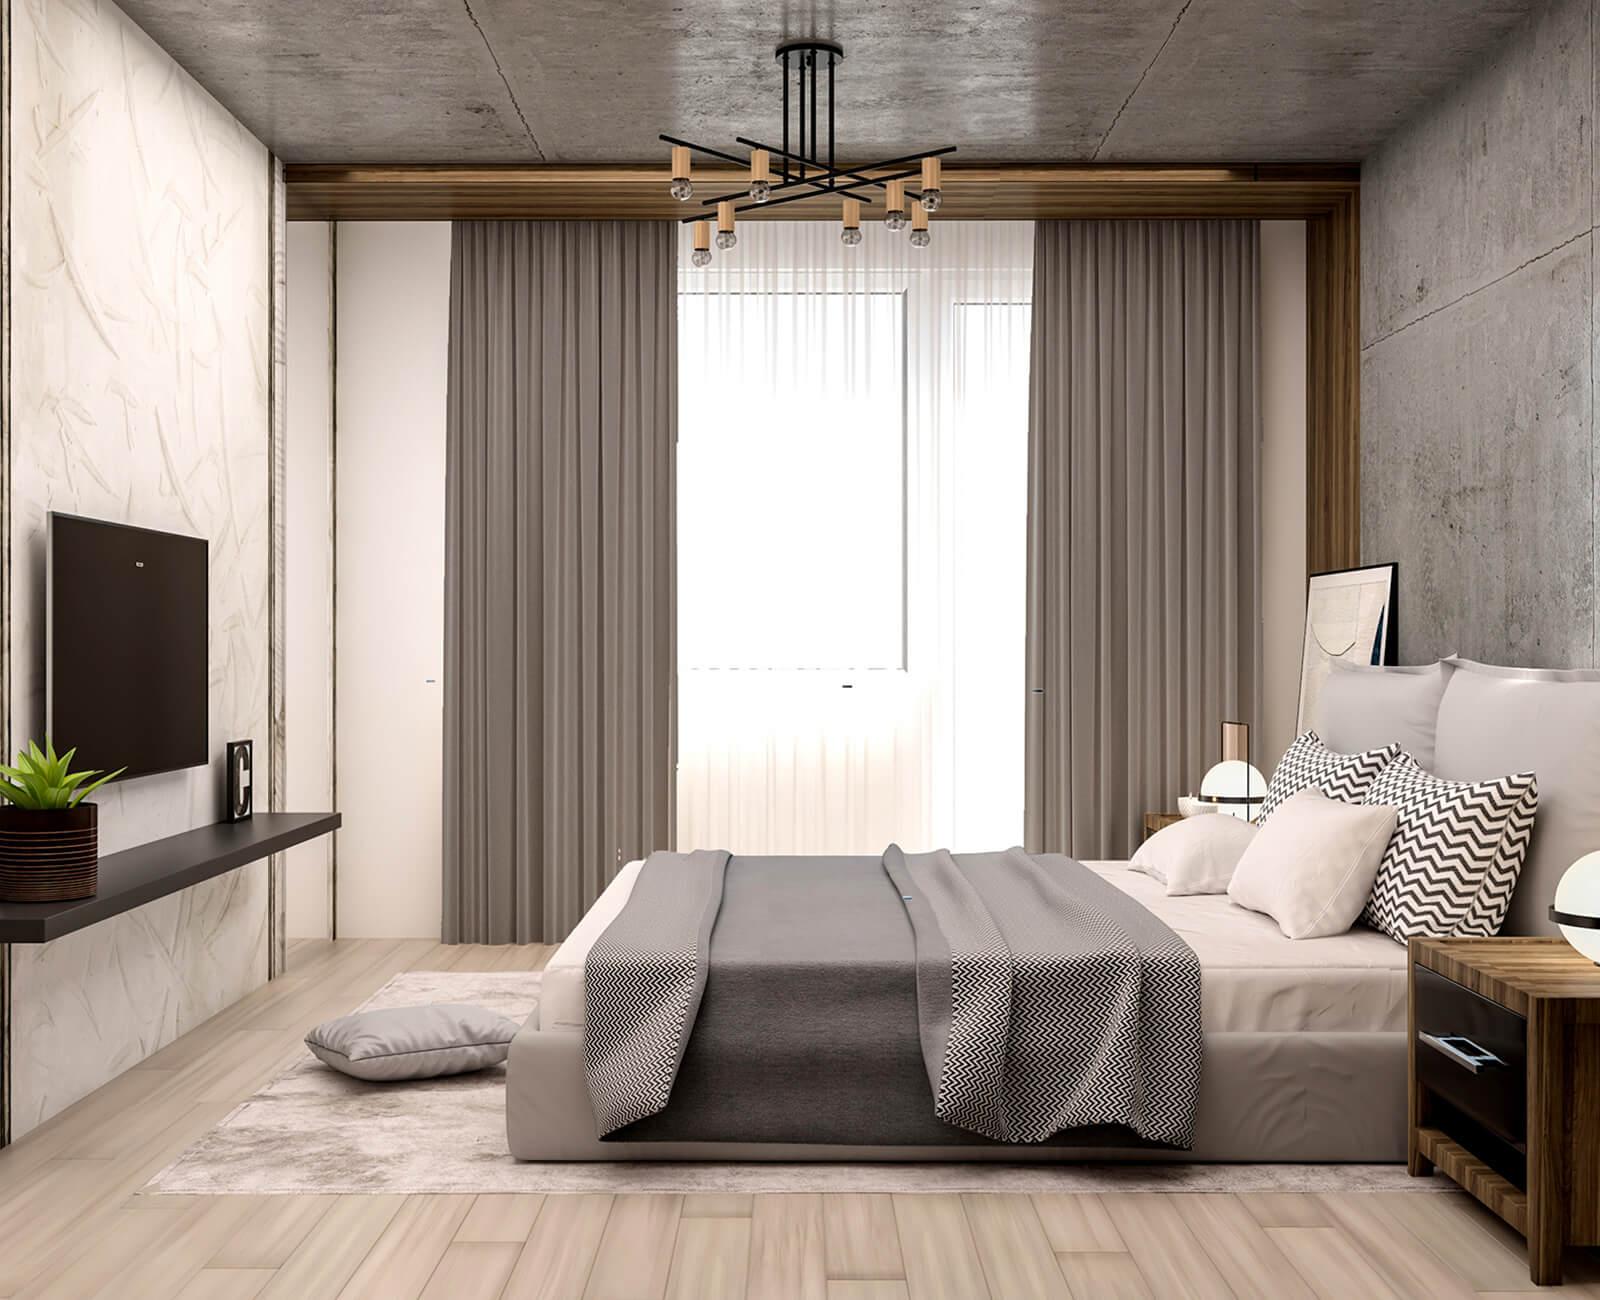 interioren-dizain-proekt-na-roditelska-spalnya (3)